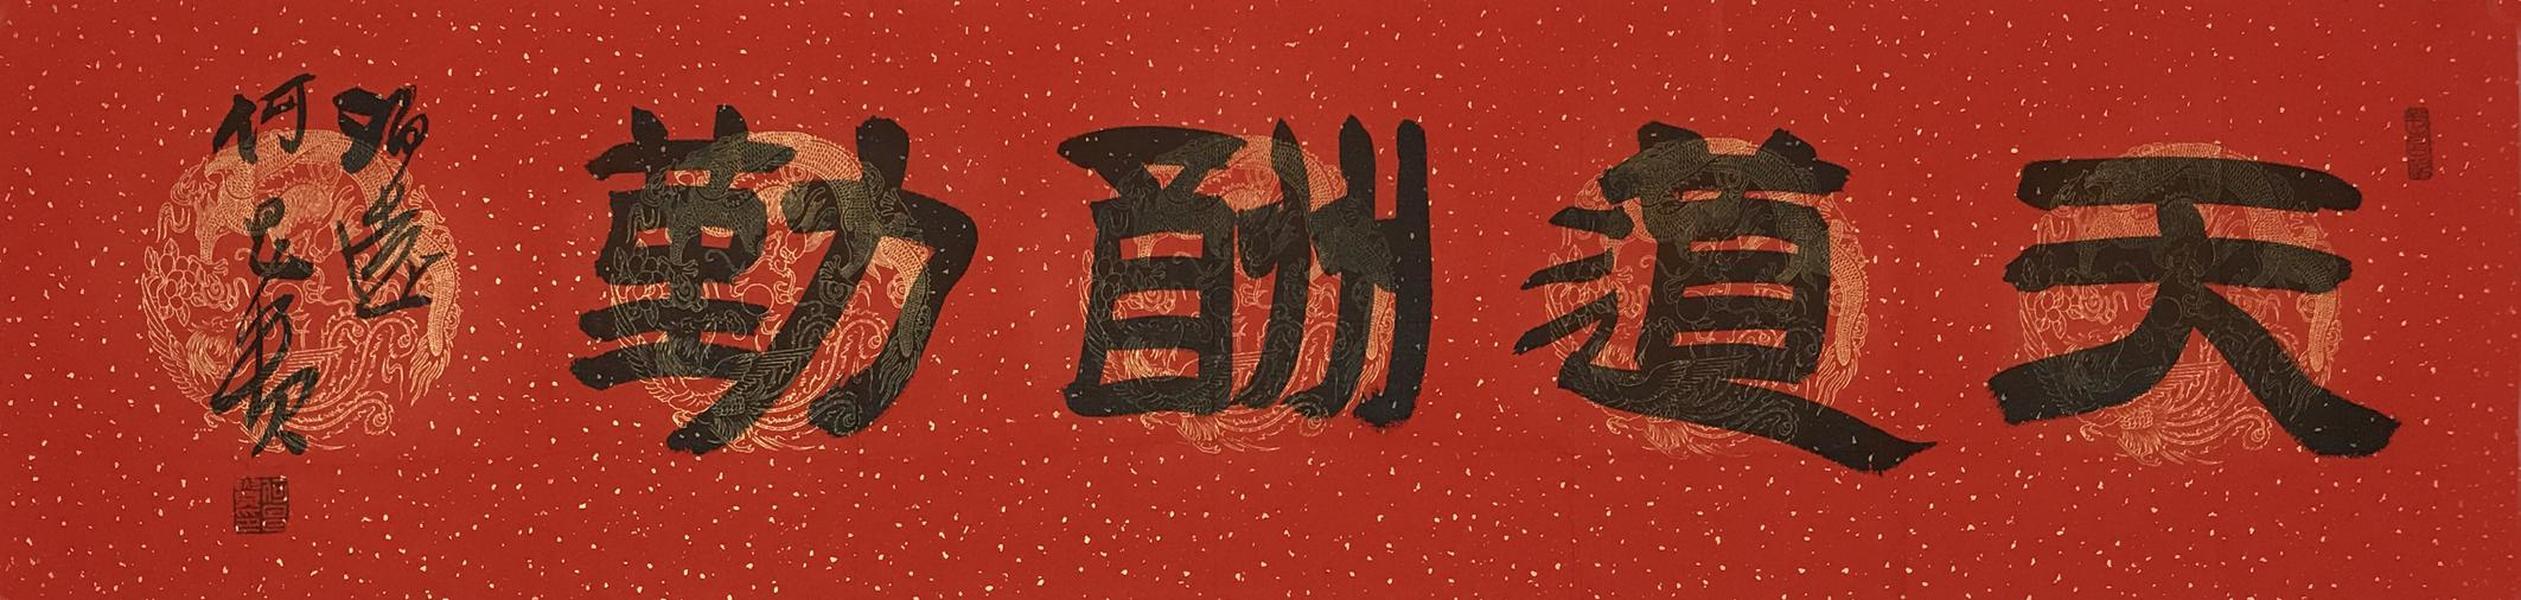 【真迹】【名家精品】何昌贵/著名书法家/中国书法家协会理事/中国书协隶书委员会委员/黑龙江书协副主席/隶书横幅/《天道酬勤》(34×138CM)